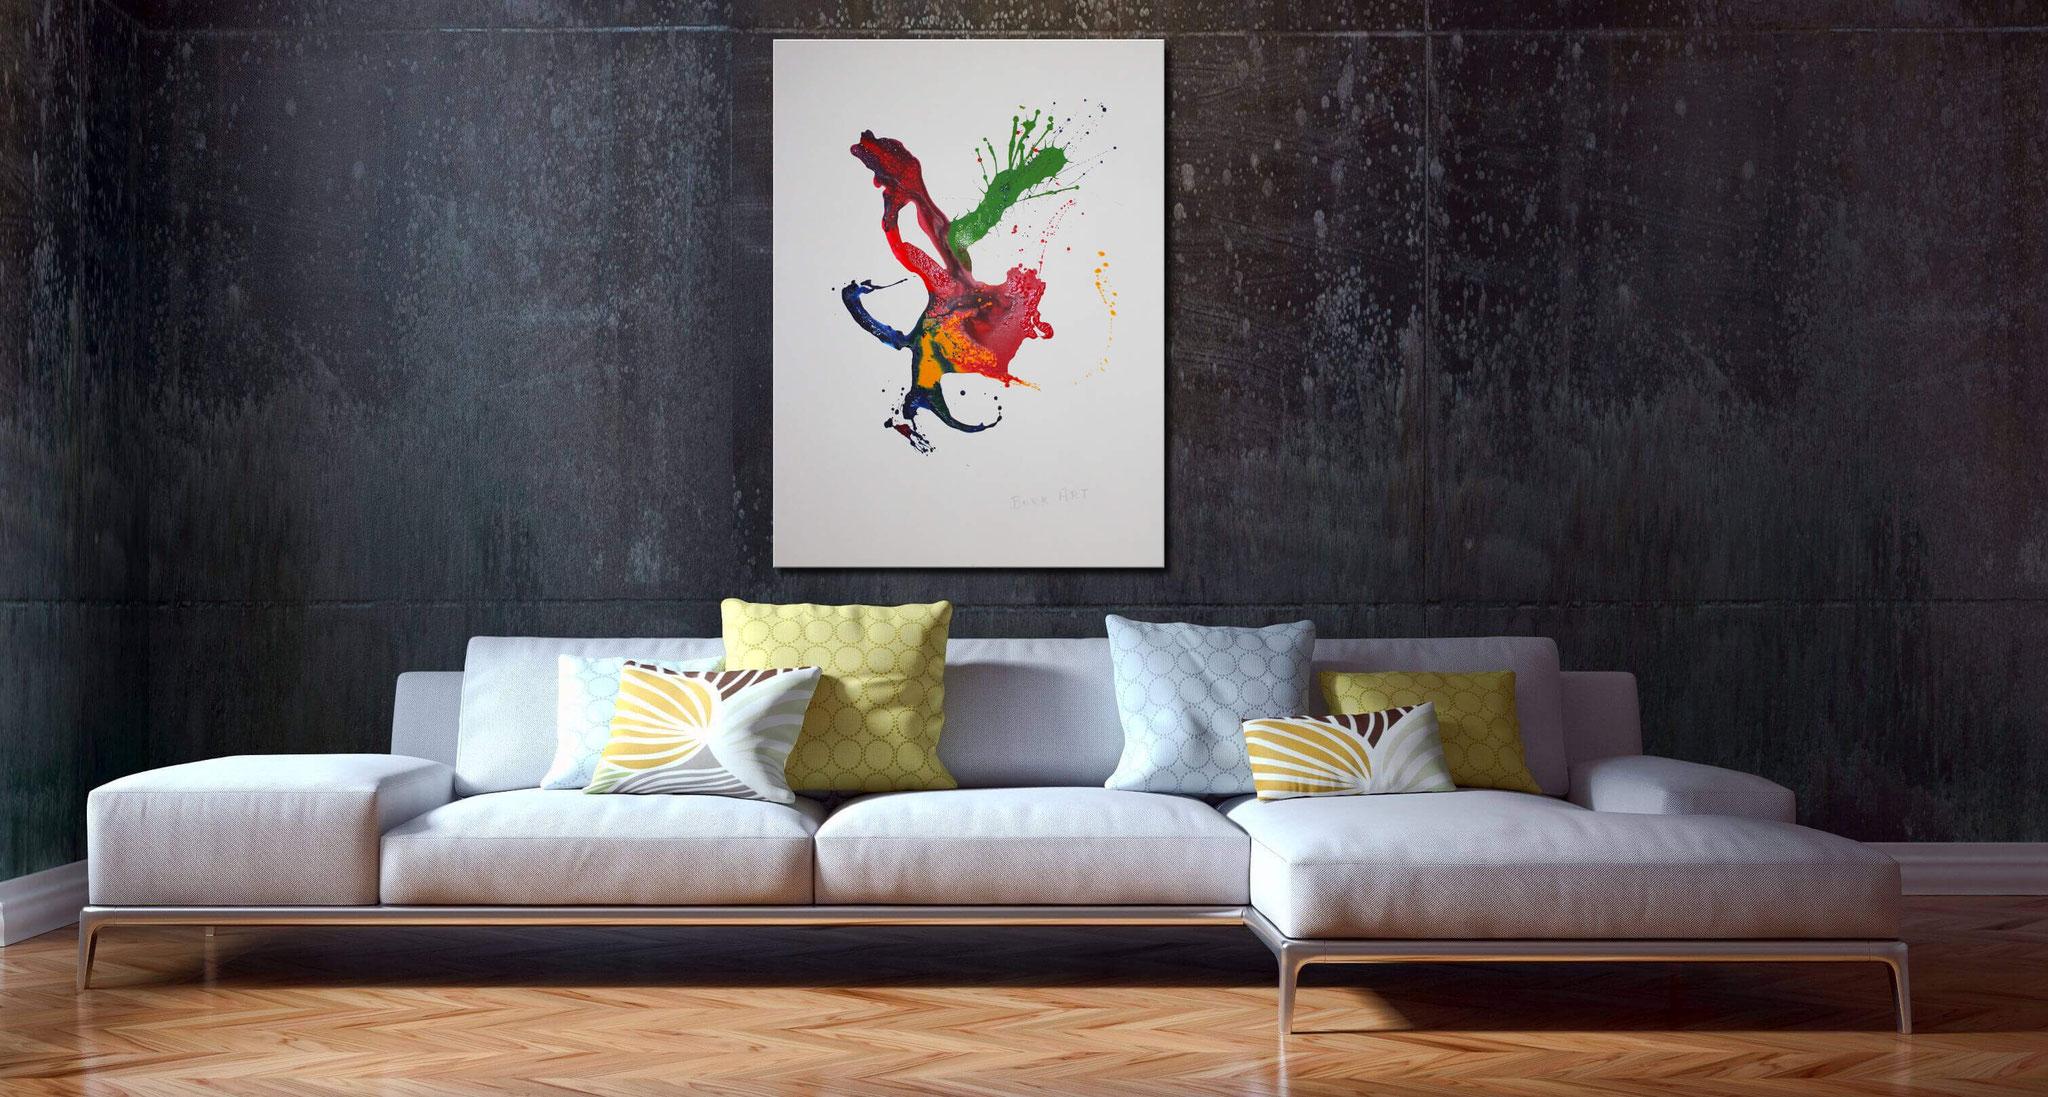 120 x 90 cm - Superstylisches Gemälde mit abstrakten Verläufen in Rot, Blau, Grün u. Gelb